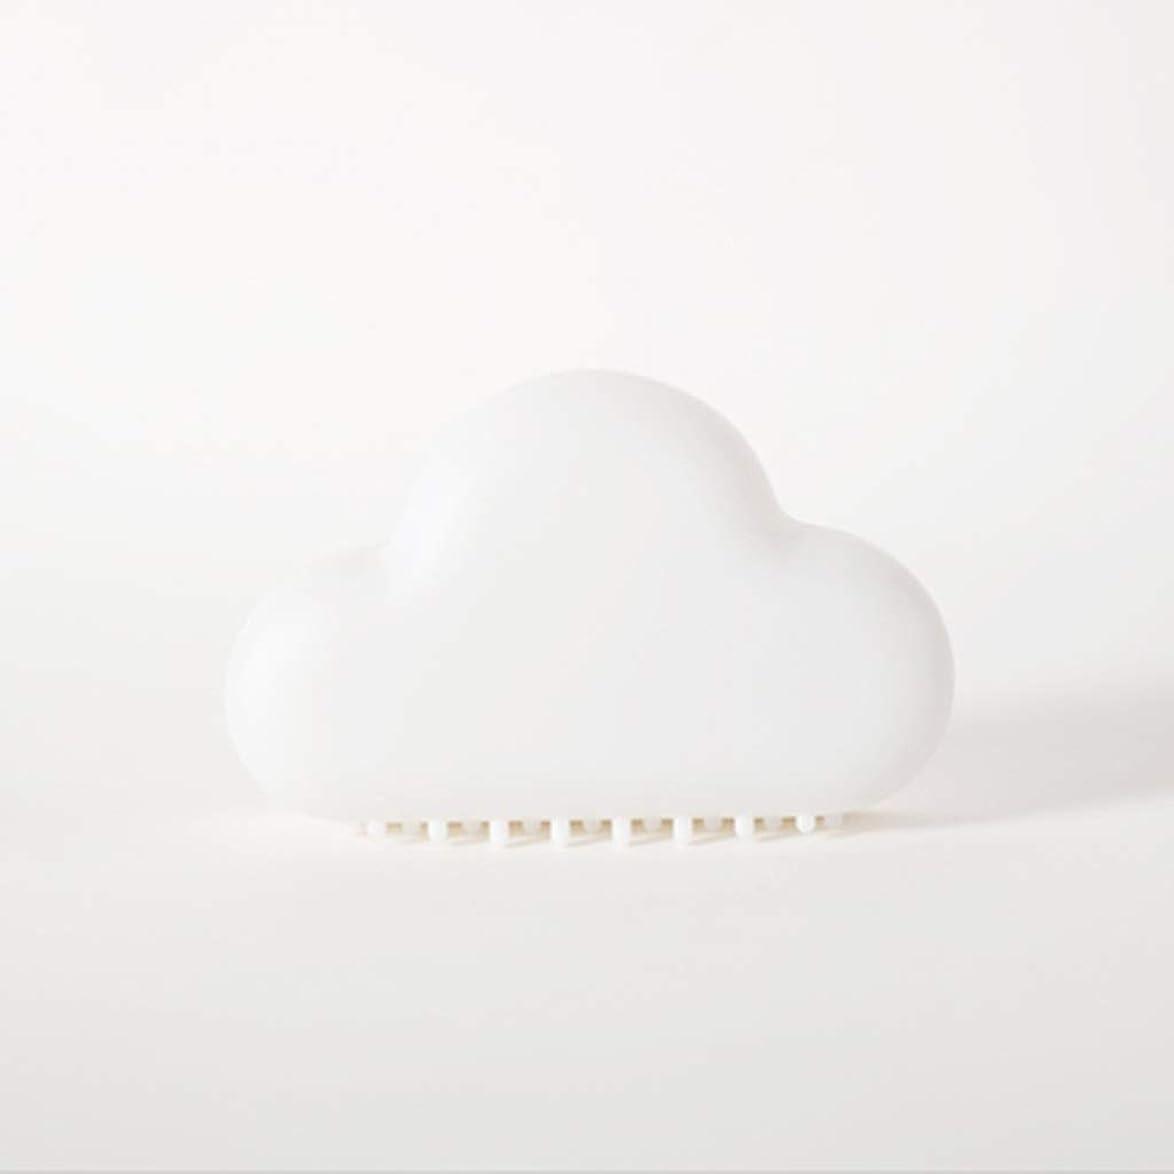 小数郵便価値のないLEDナイトライト LEDクラウドライト充電音声起動誘導寝室省エネベッドサイドウォールランプ LEDナイトライト (Color : White)